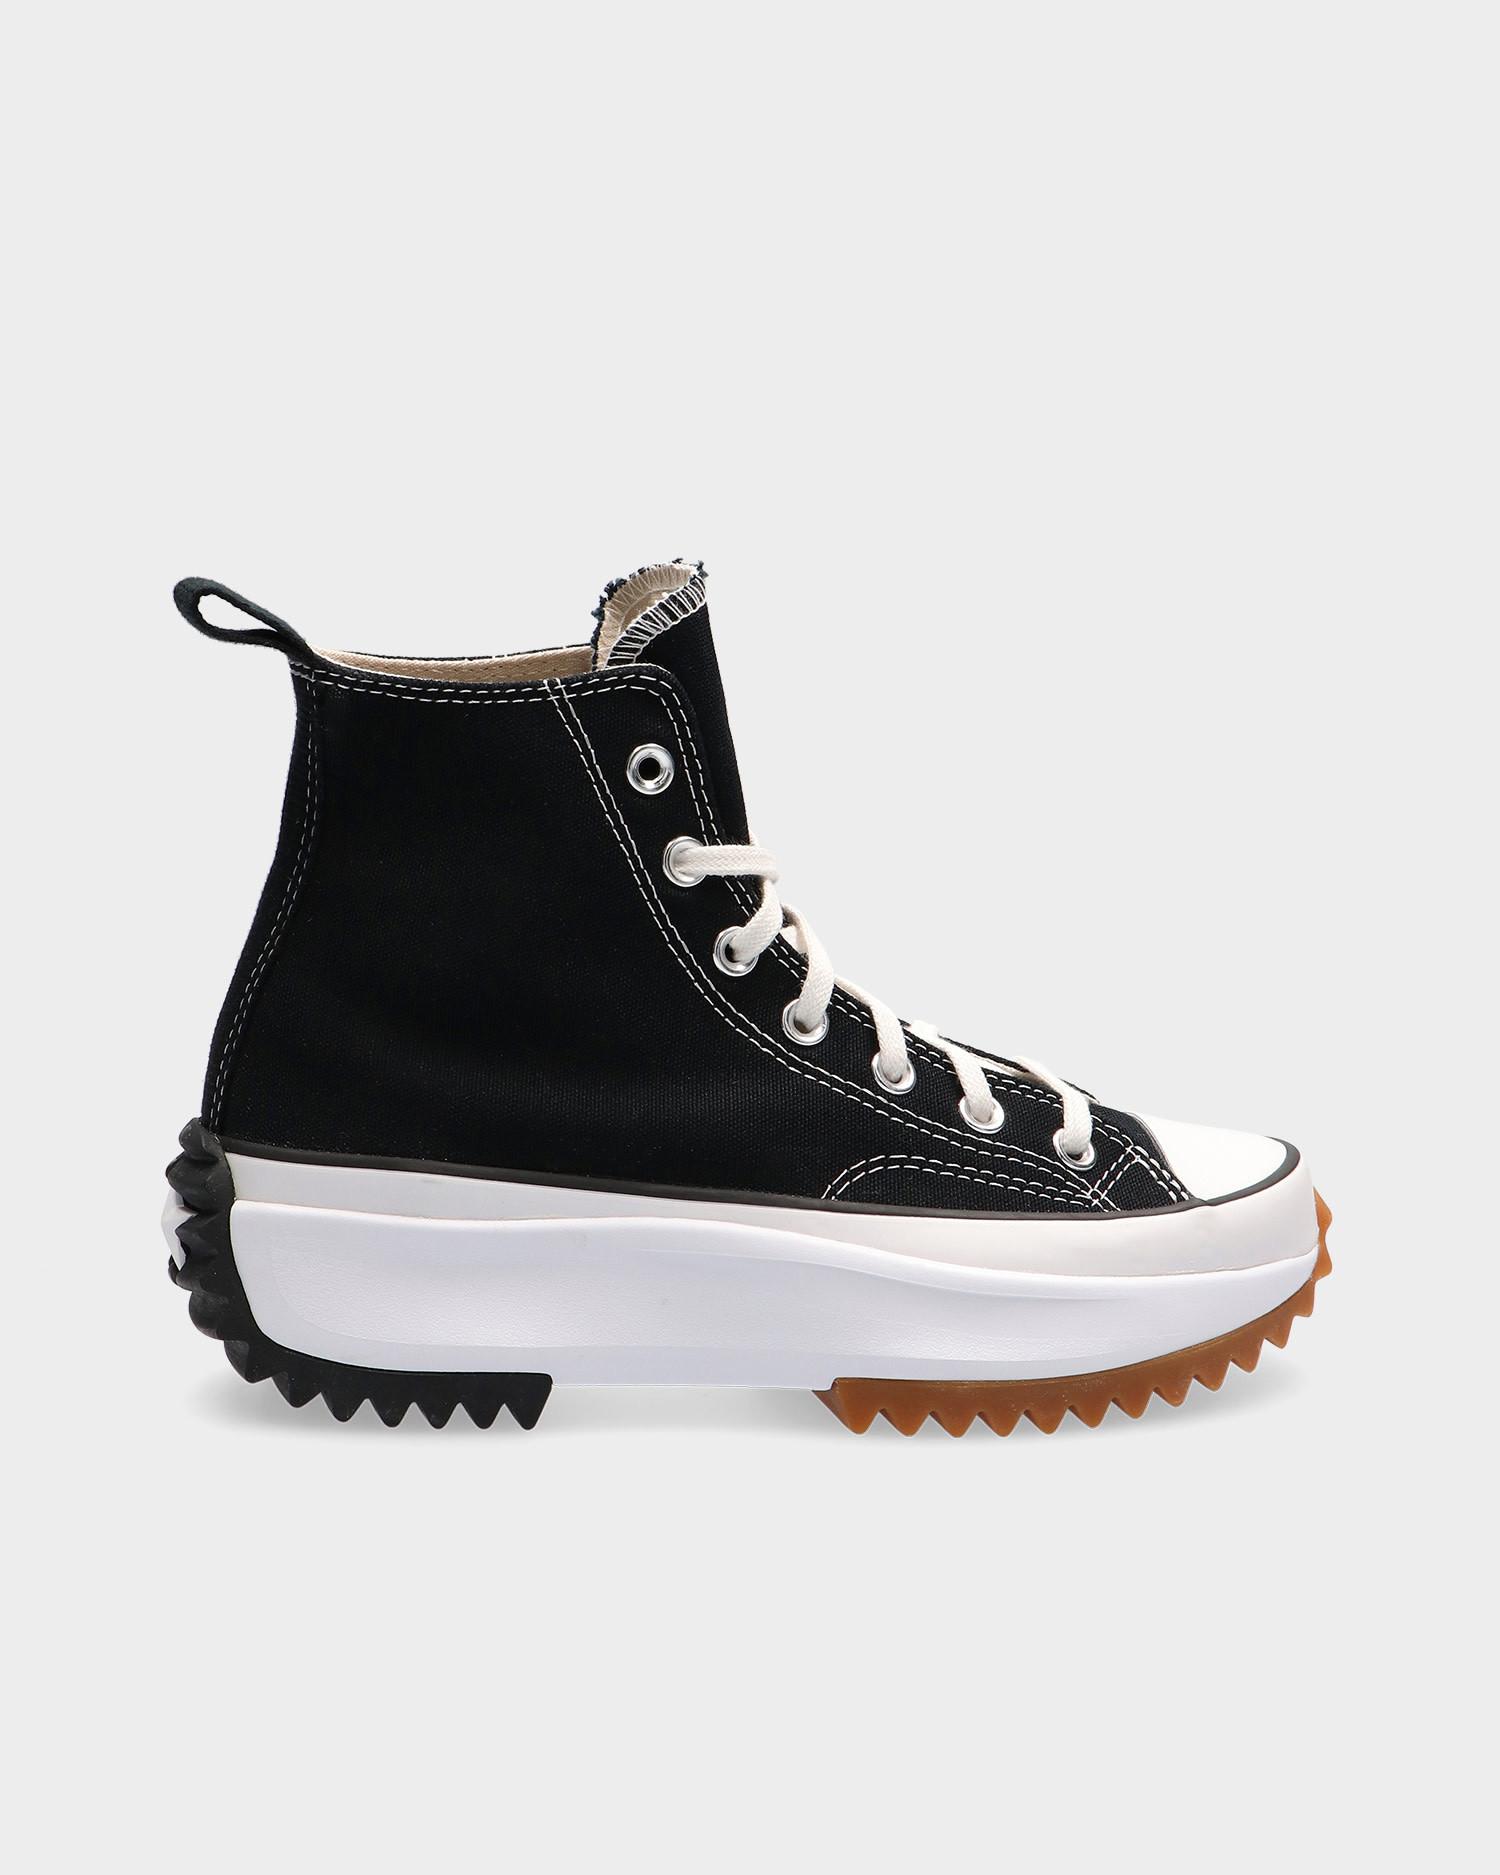 Converse Run Star Hike Lugged - Black/White/Gum